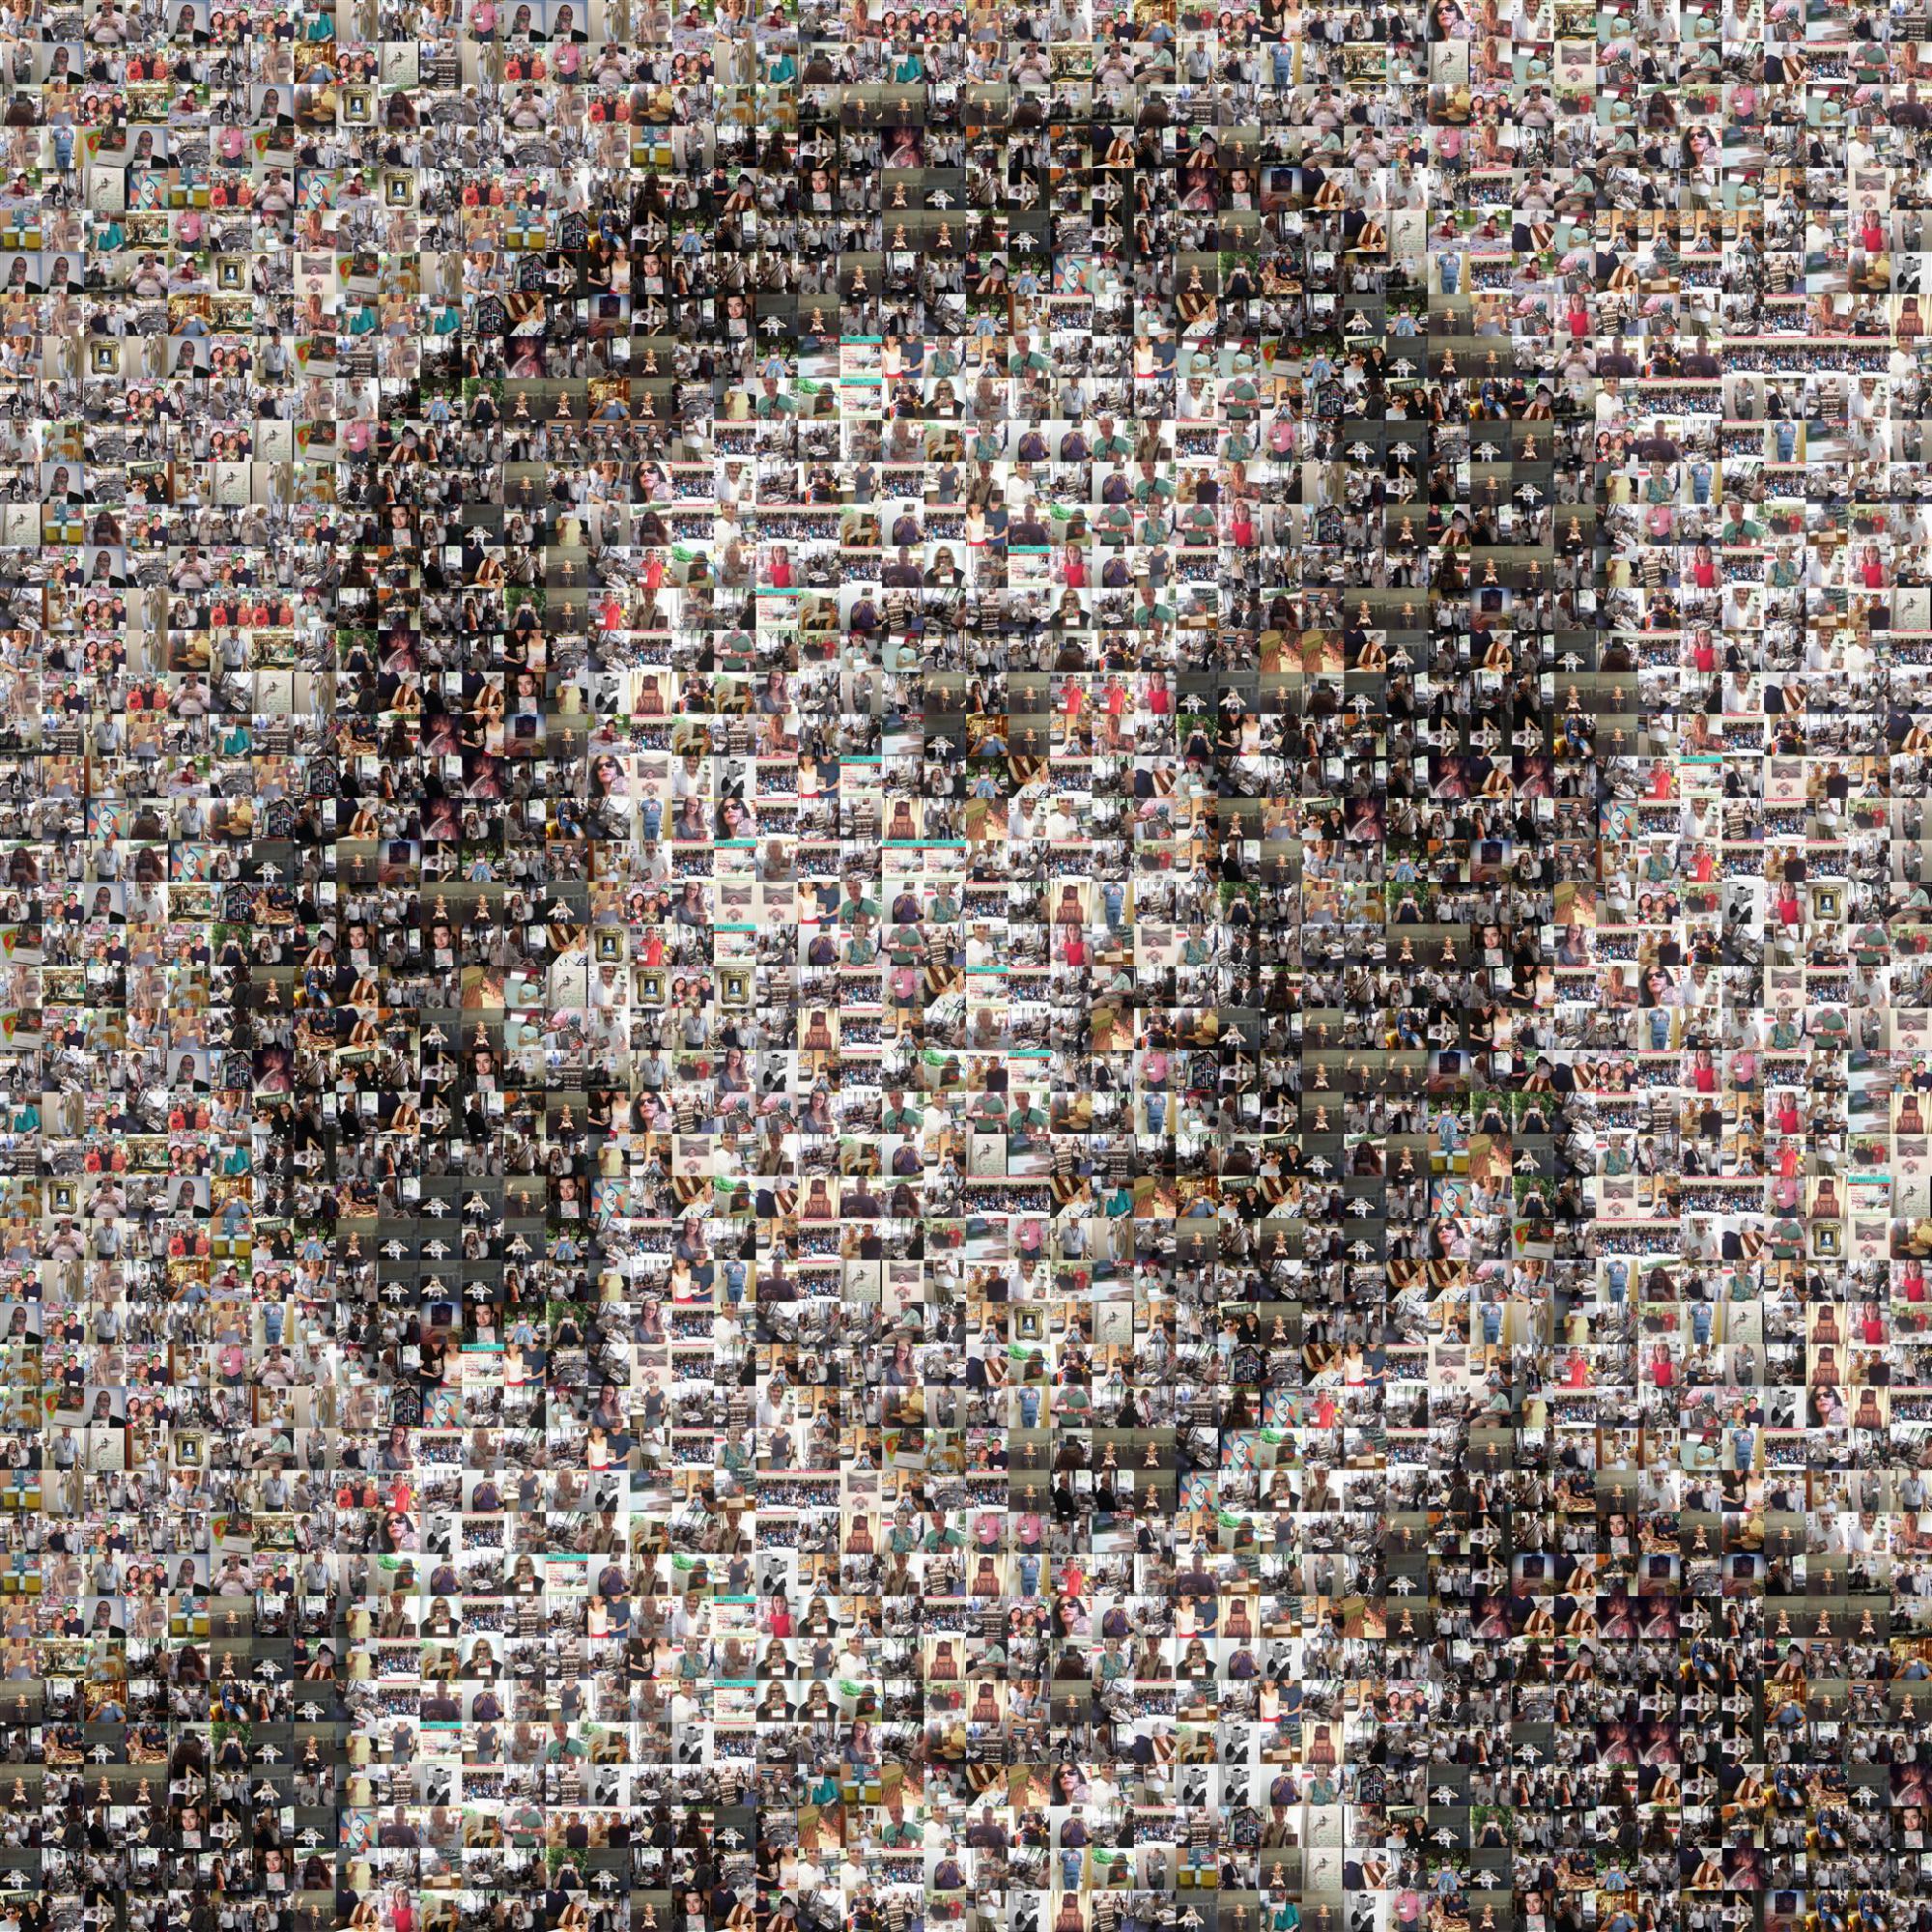 John Keats en el 195 aniversario de su muerte en Roma: La voz del poeta que luchó contra su aciago destino